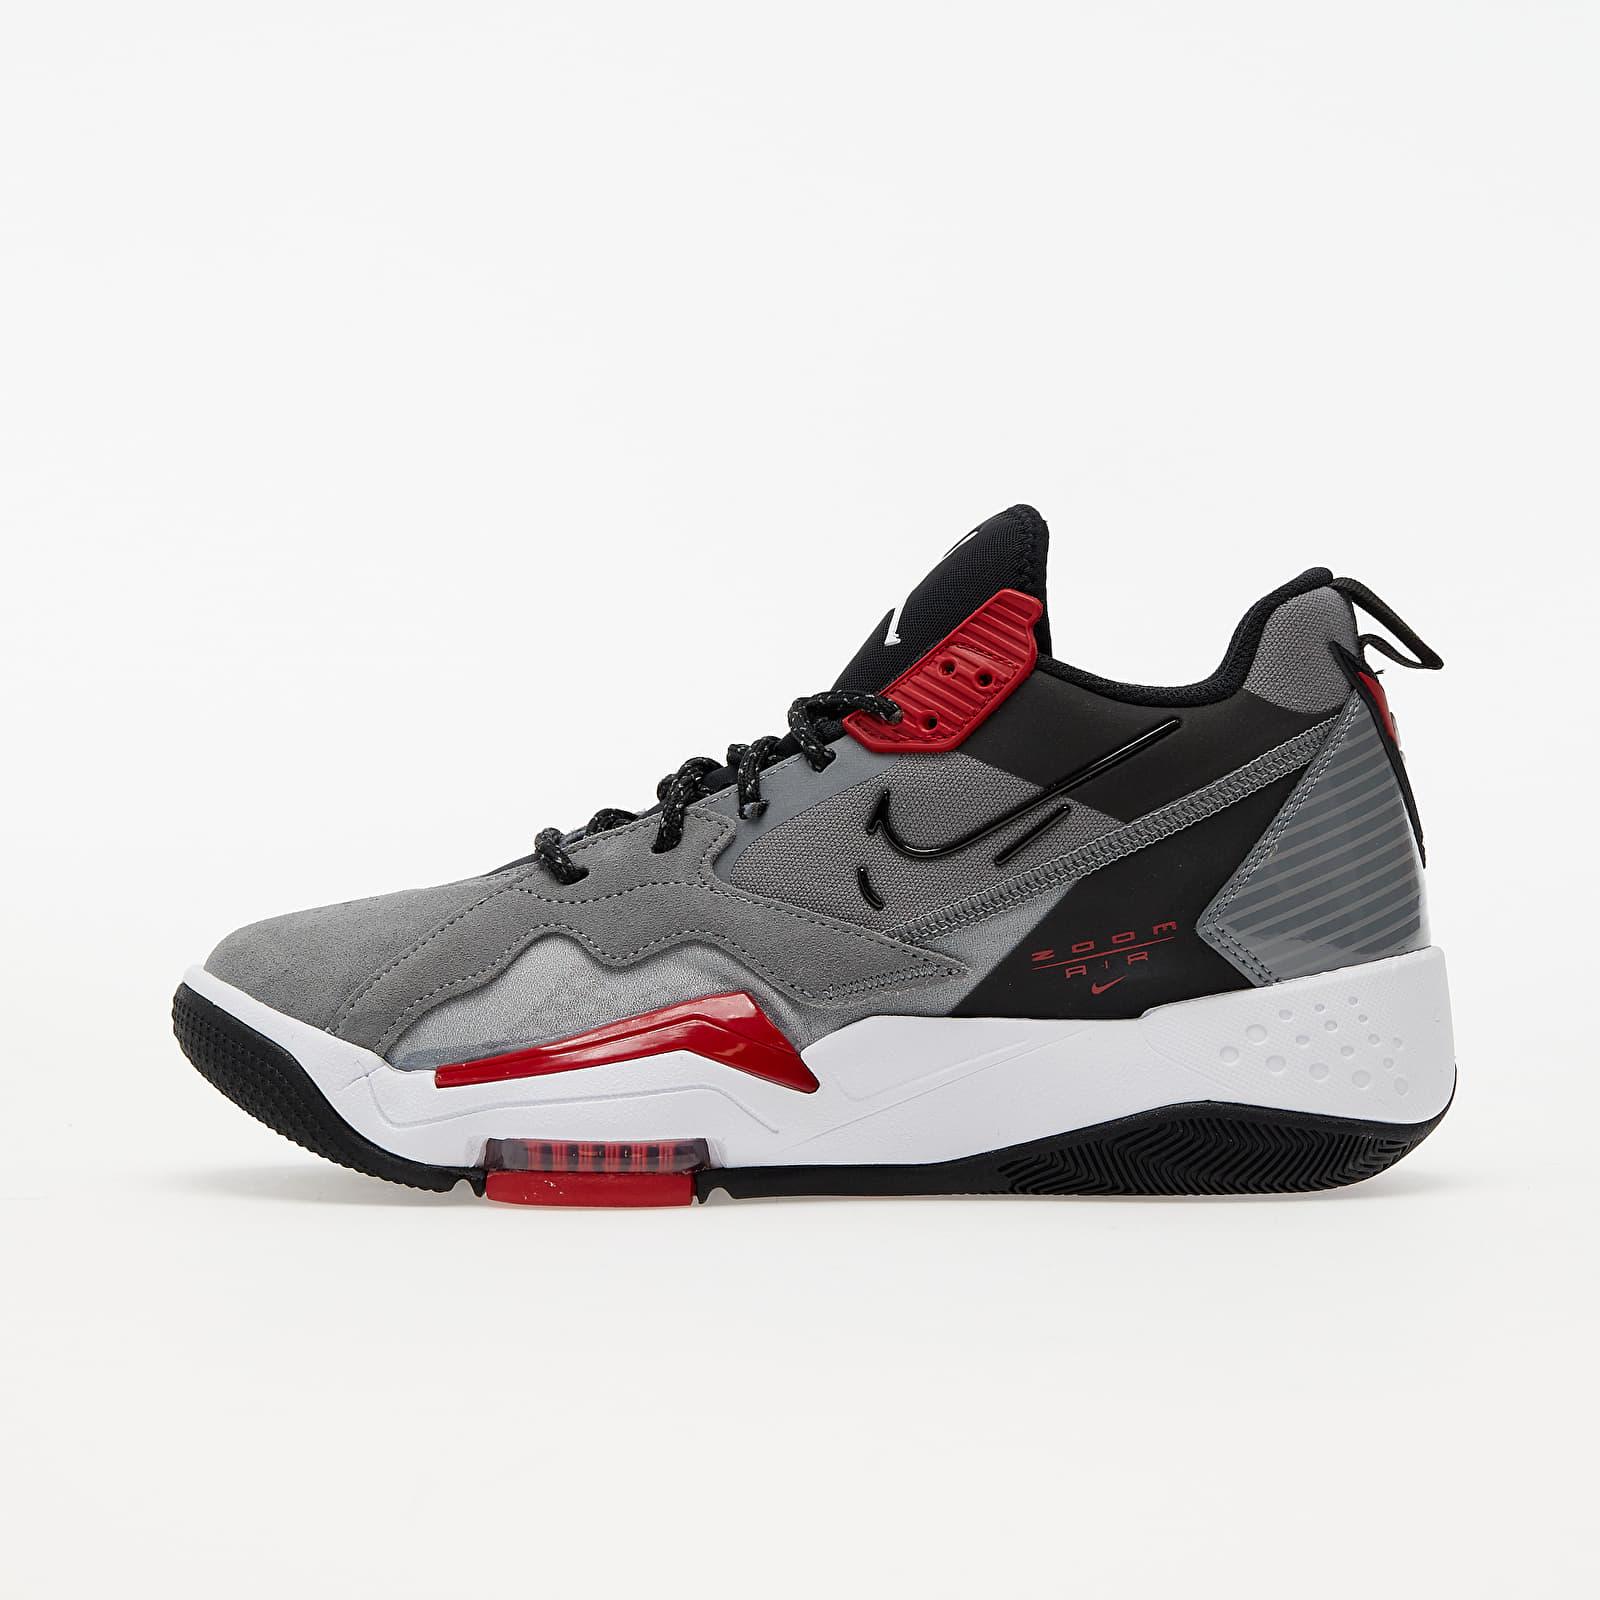 Jordan Zoom '92 Smoke Grey/ Black-Gym Red-White CK9183-006